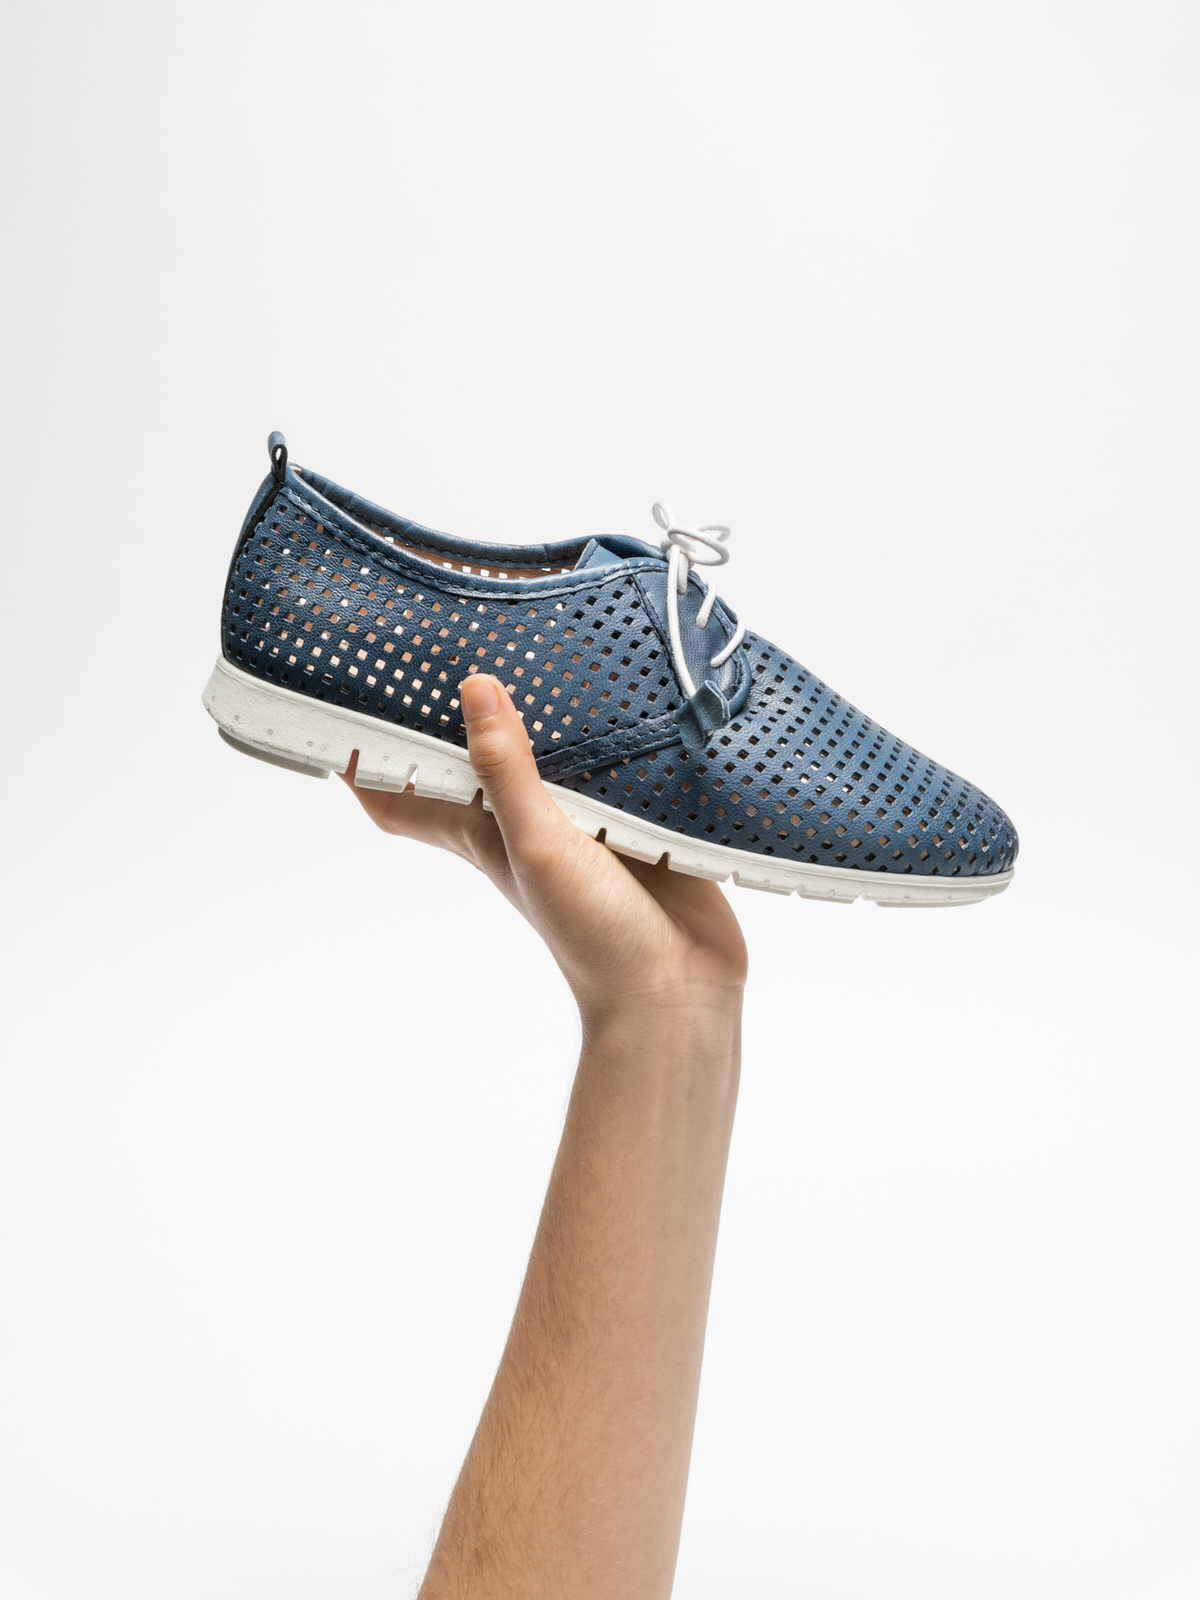 Fotografia de produto - calçado